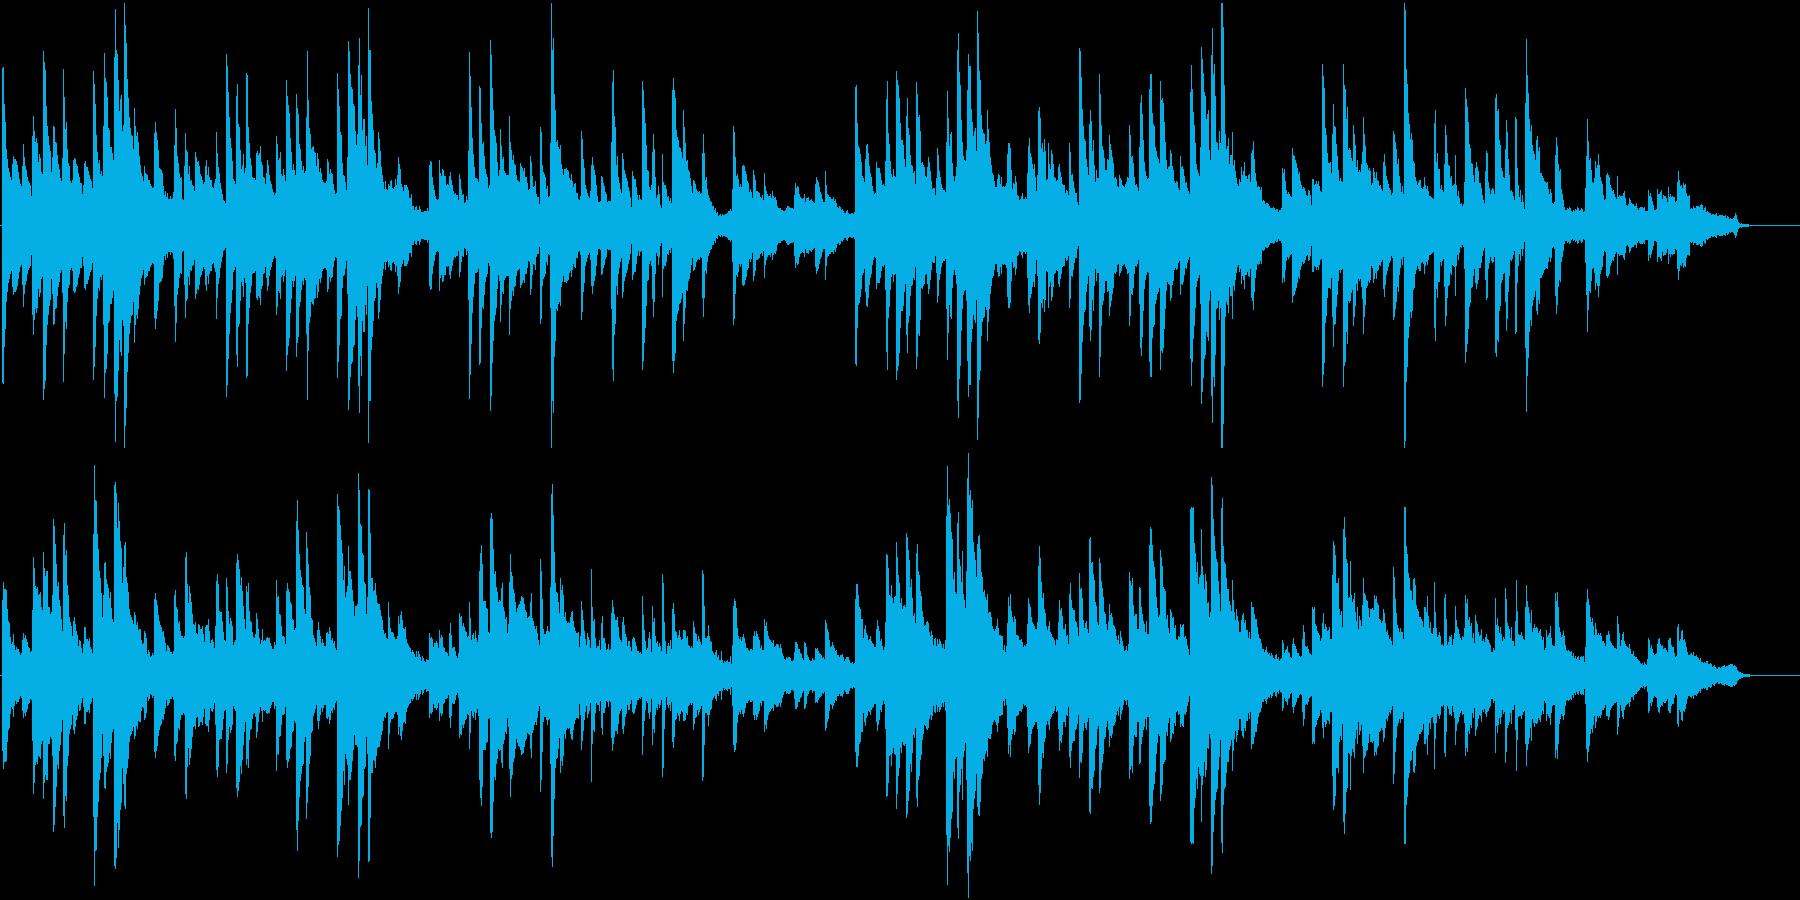 ポストクラシカル系ピアノ曲の再生済みの波形